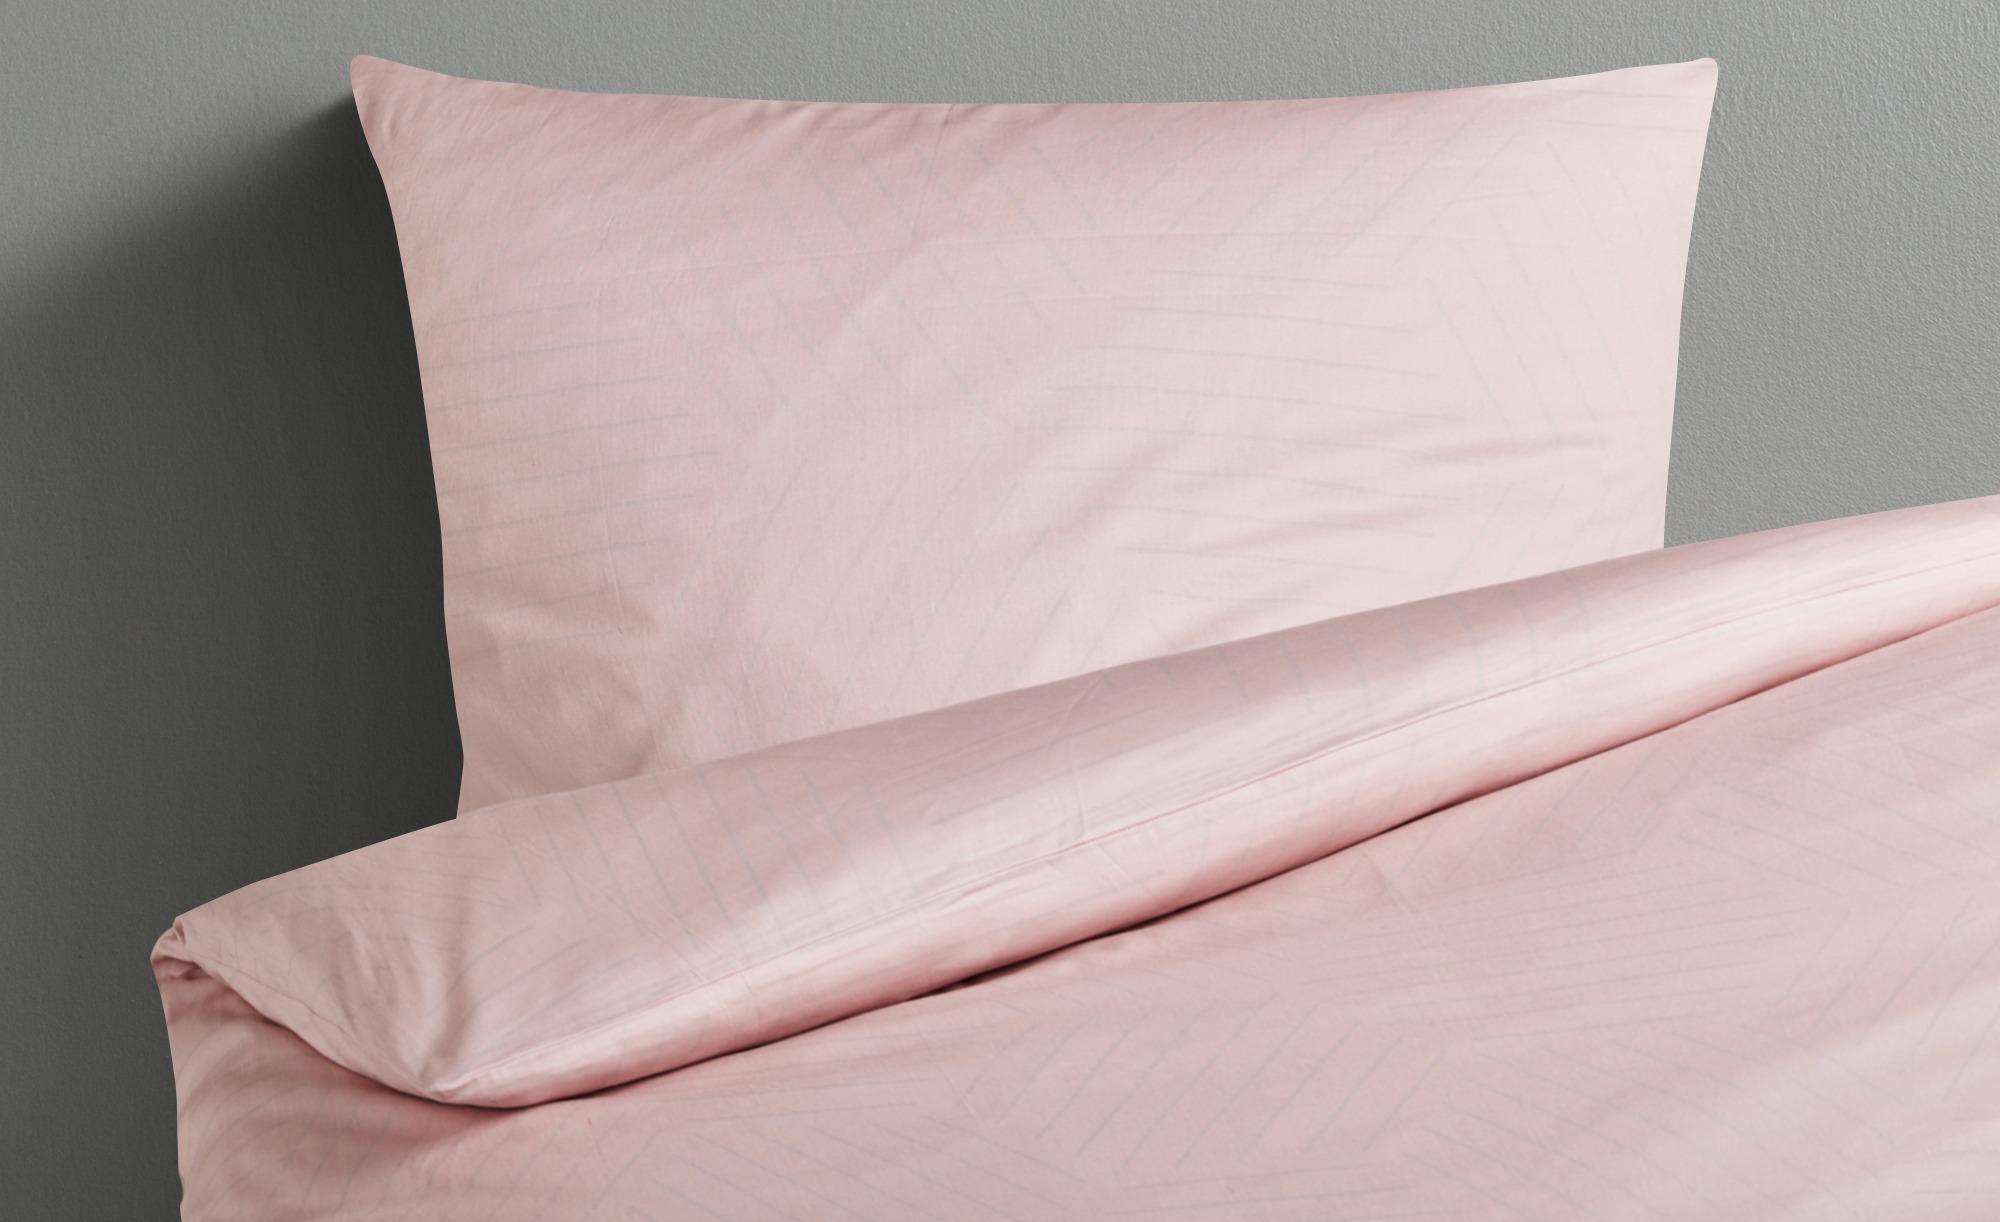 HOME STORY Satin Bettwäsche  Soft Touch ¦ rosa/pink ¦ Baumwolle ¦ Maße (cm): B: 135 Bettwaren > Bettwäsche-Sets > weitere Bettwäschesets - Höffner